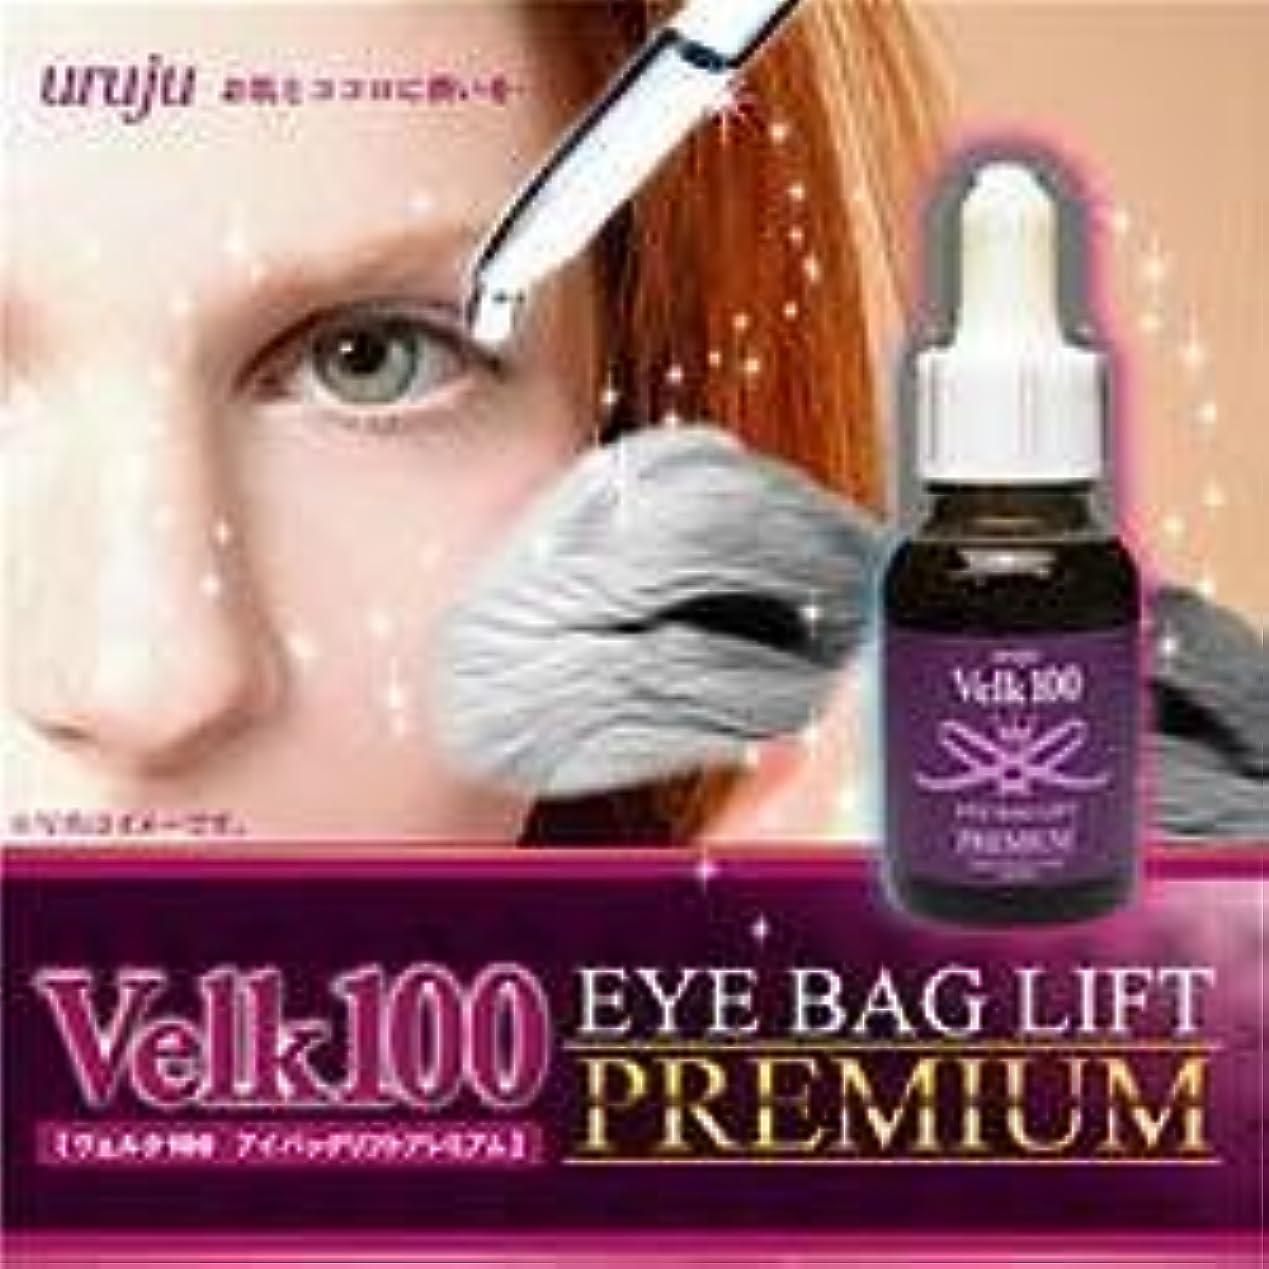 簡単な引数鎮痛剤ヴェルク100 アイバックリフトプレミアム